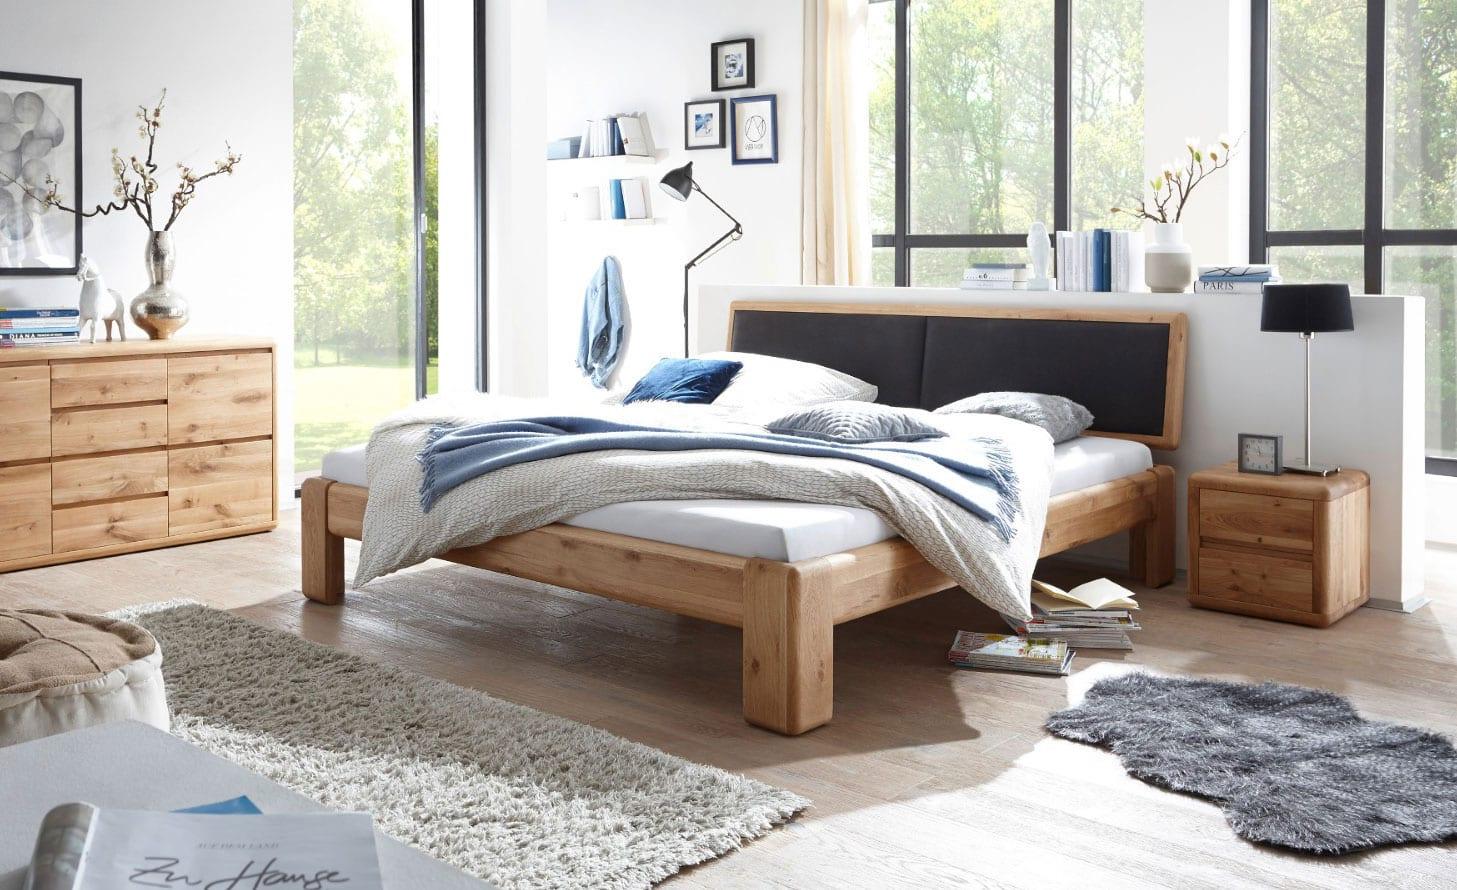 coole ideen für moderne einrichtung schlafzimmer mit doppelbett aus massivholz mit stofkopfteil schwarz, holznachttischen, sideboard holz,schaffell grau, stehlampe schwarz und deko mit frühlingszweigen in vasen